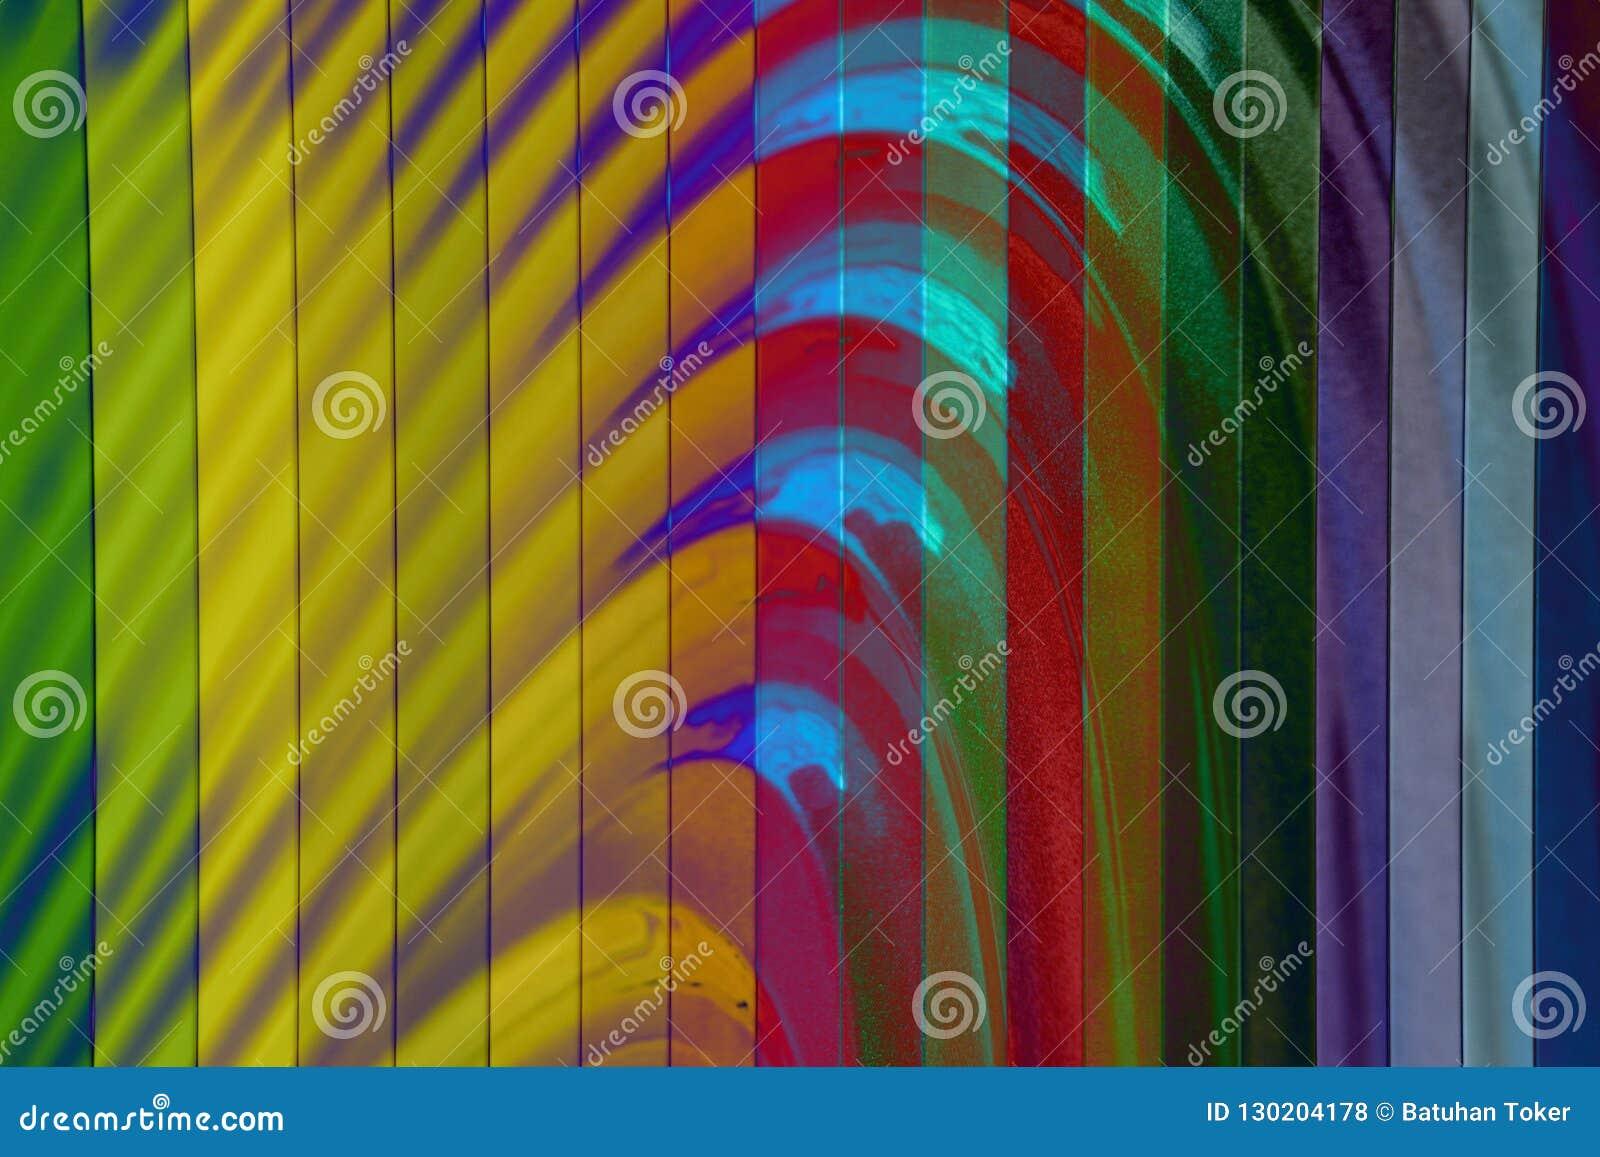 Texture colorée de mur, modèle abstrait, fond moderne de vague et géométrique onduleux de couche de chevauchement